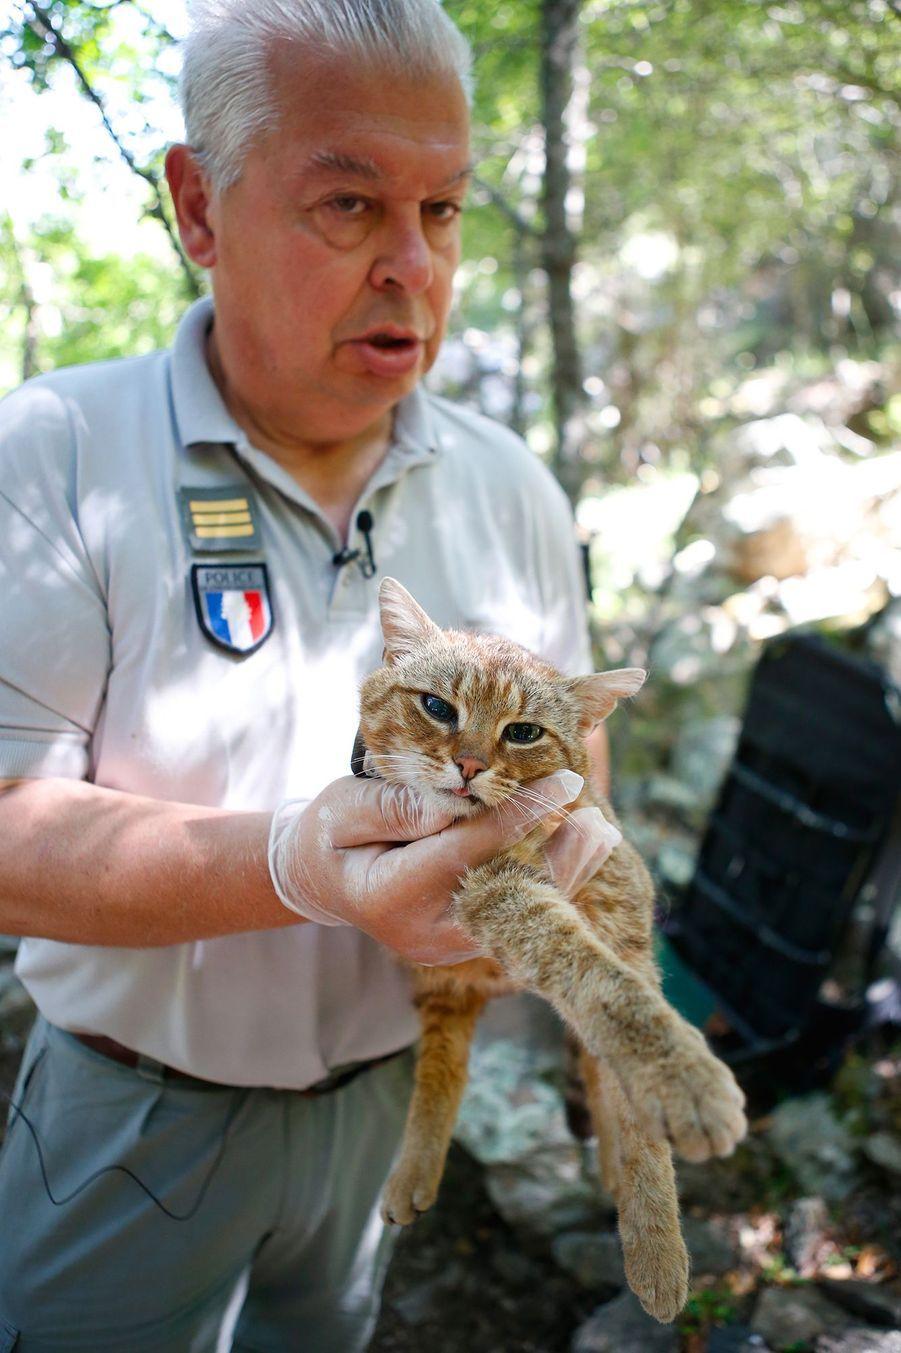 Le chat-renard vit dans la vallée d'Asco, un territoire montagneux très escarpé de 25.000 hectares, situé loin de l'homme, et où il y a de l'eau et un couvert végétal pour le protéger de son principal prédateur, l'aigle royal.